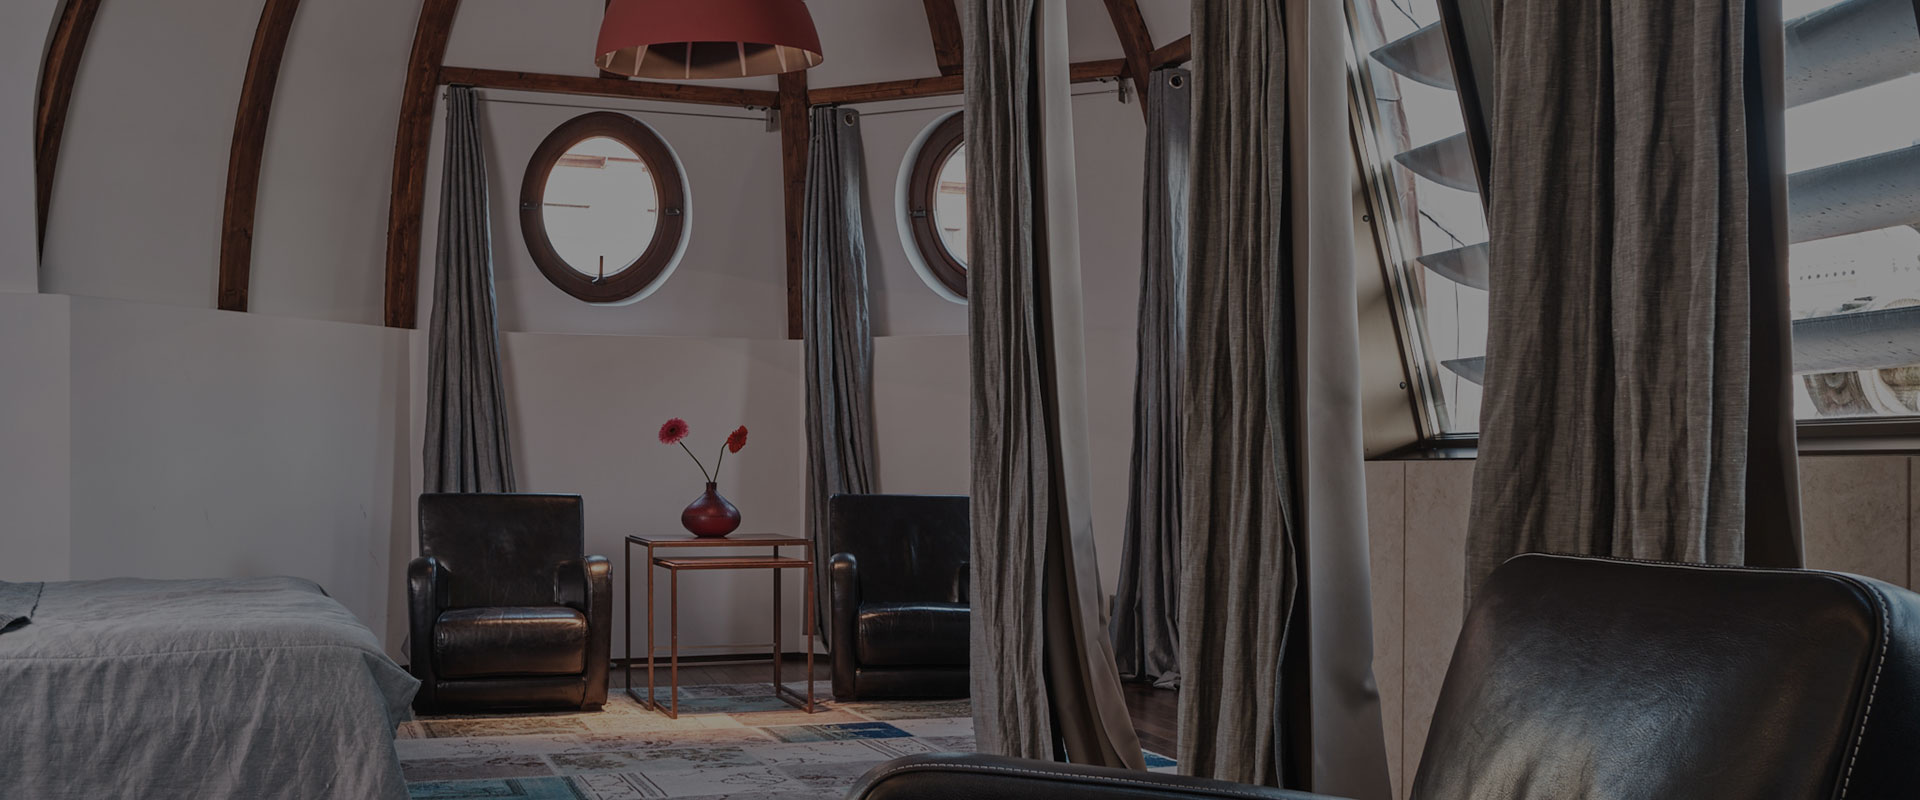 Hotel-warszawa-pieciogwiazkowy-hotel-w-centrum-warszawy-penthouse-z-tarasem-widokowym